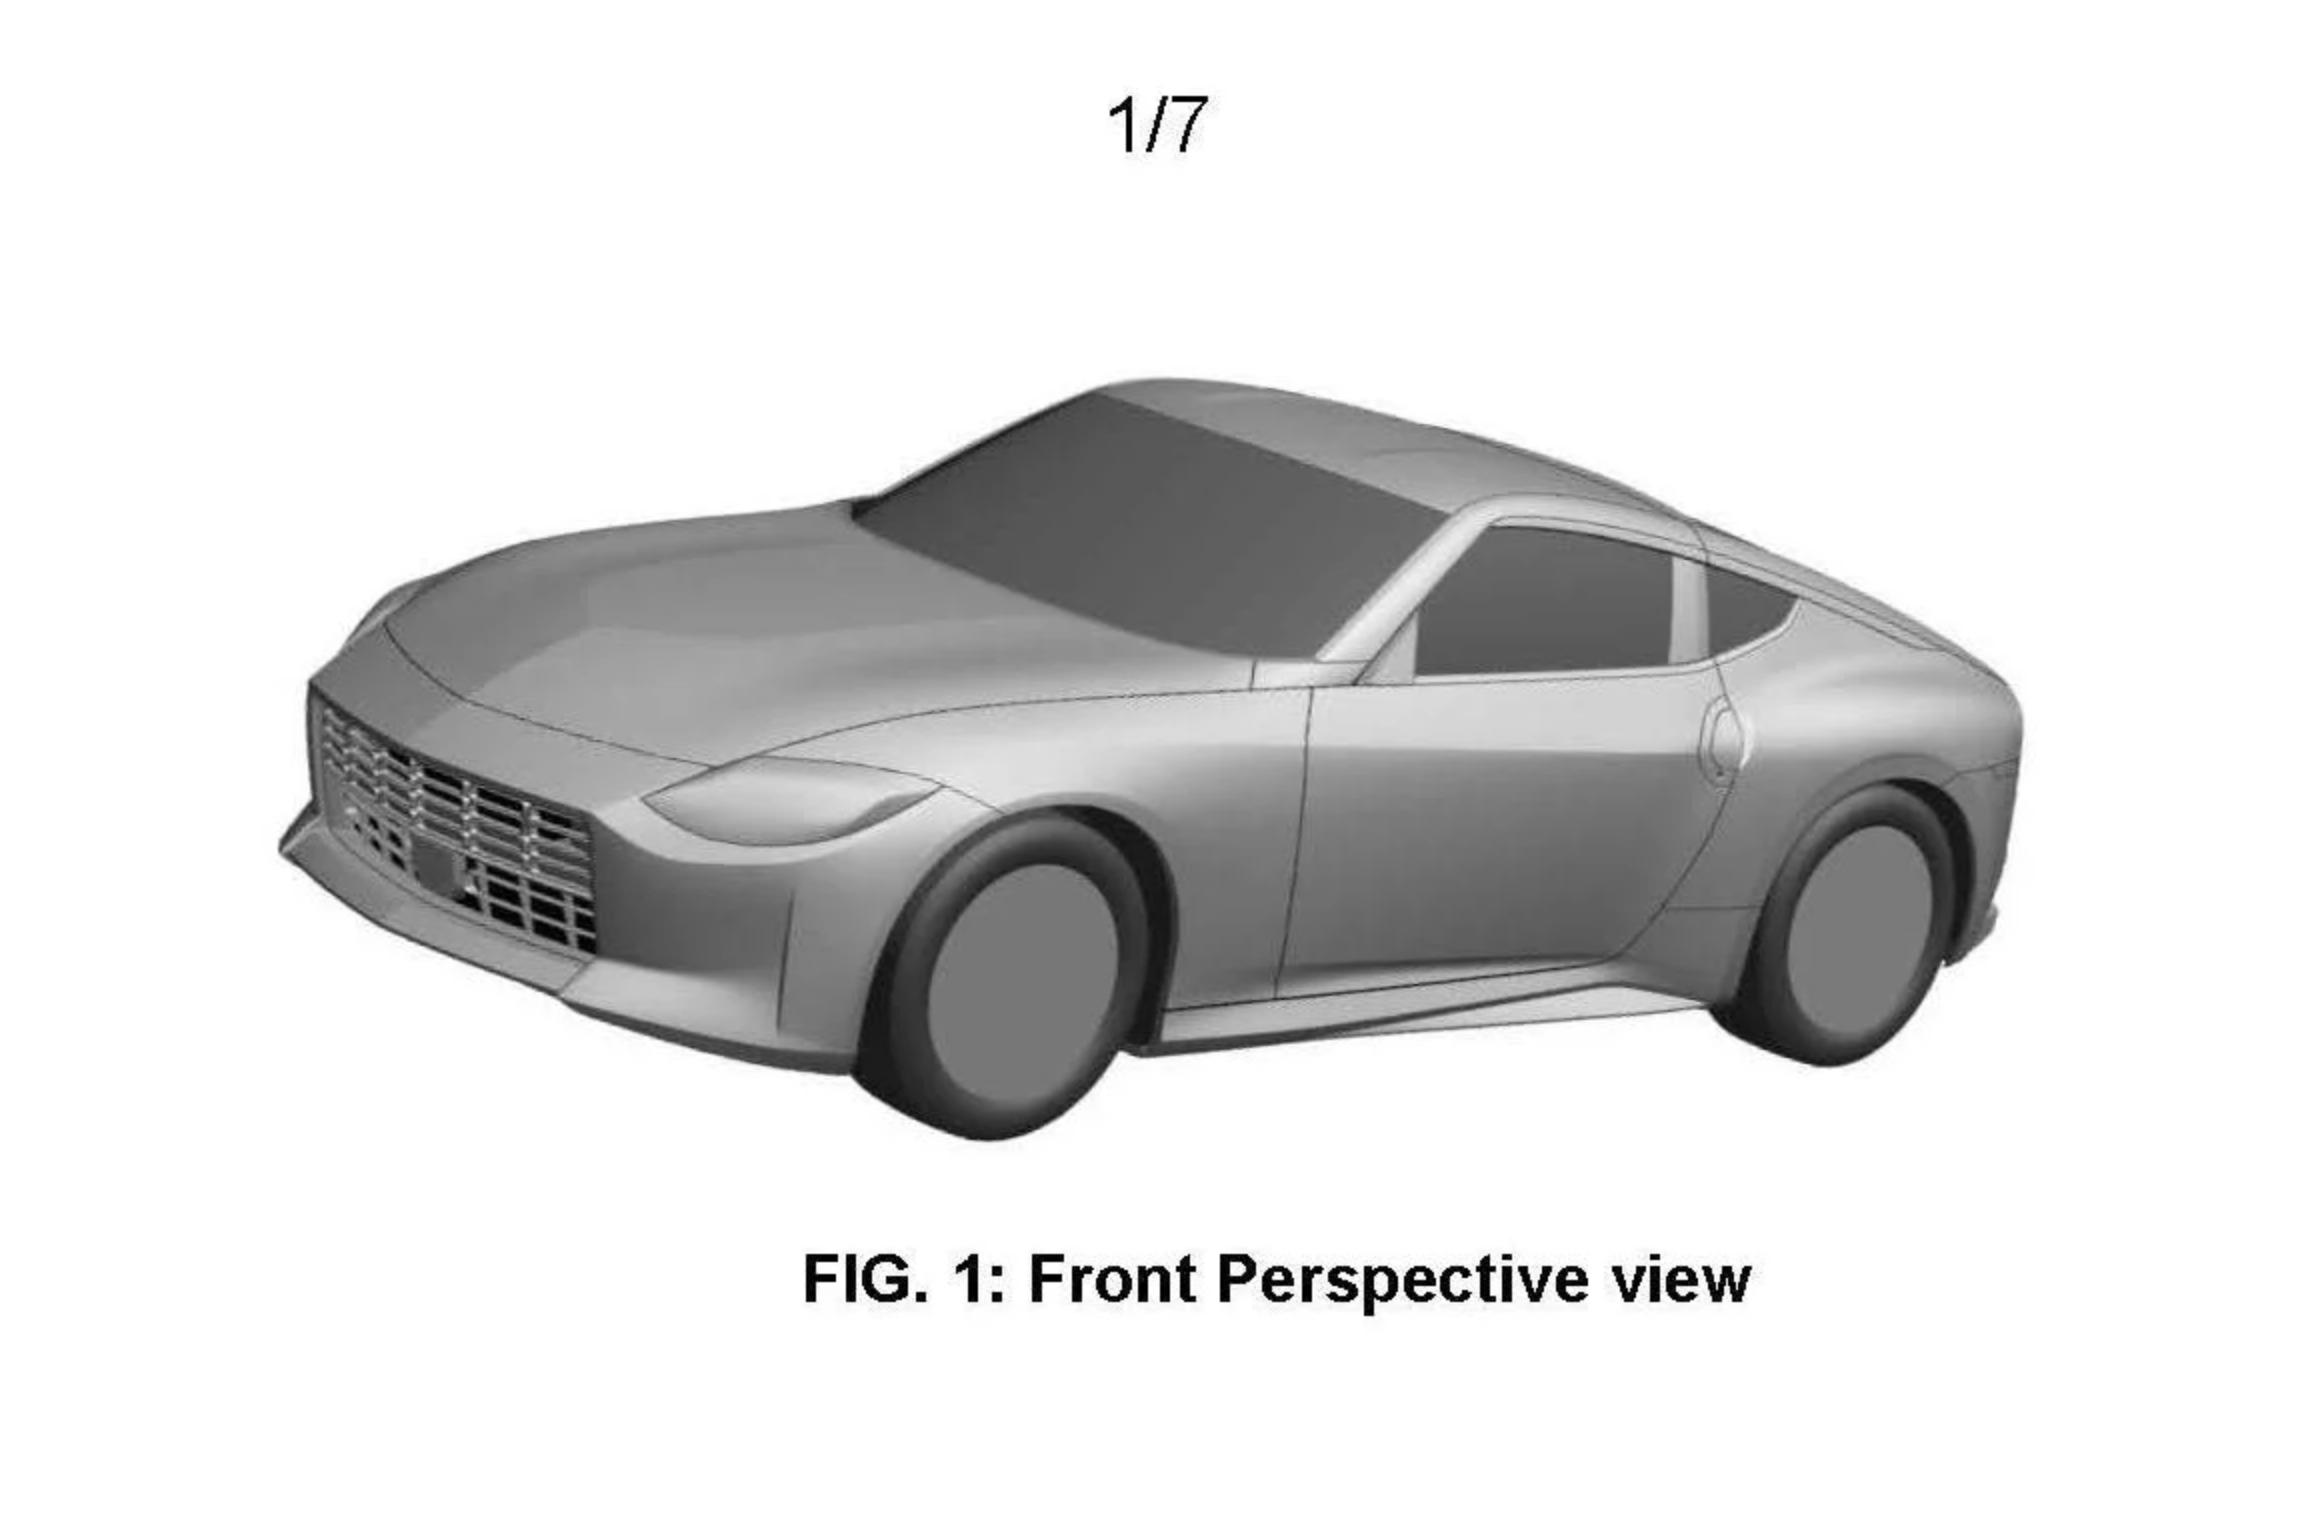 Nissan-400Z-patent-images-1